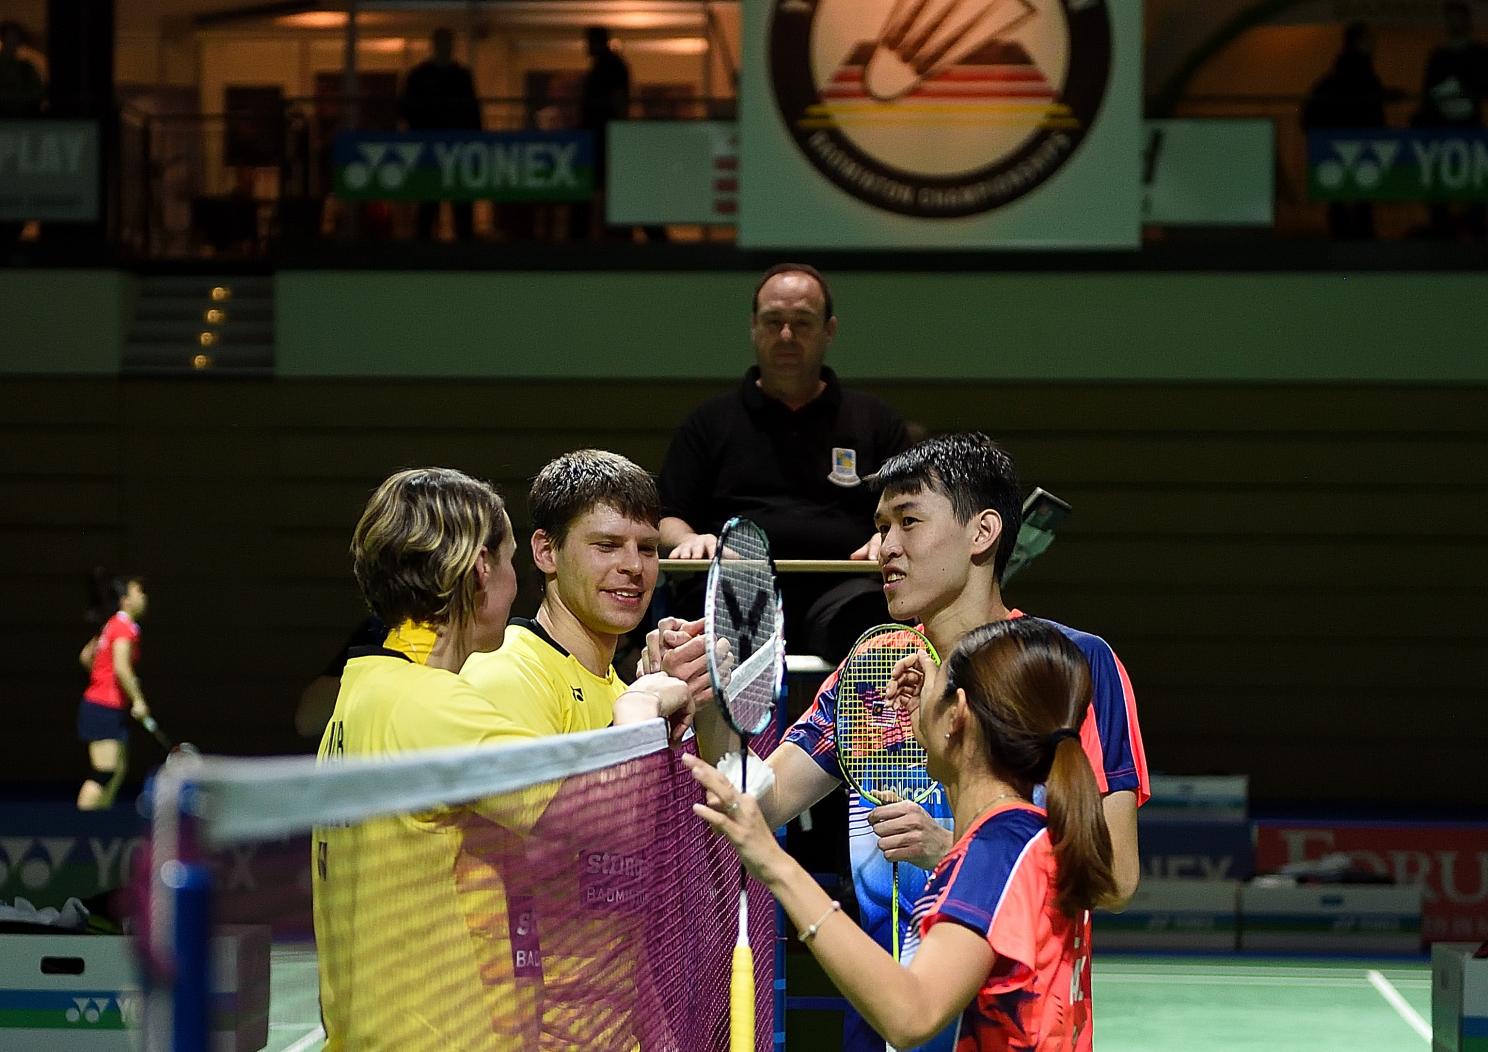 Der letzte Auftritt zweier ganz großer Spieler. Birgit Overzier und Michael Fuchs unterlagen bei ihrem letzten gemeinsamen Auftritt knapp gegen die an Position vier Gesetzten Malaysier